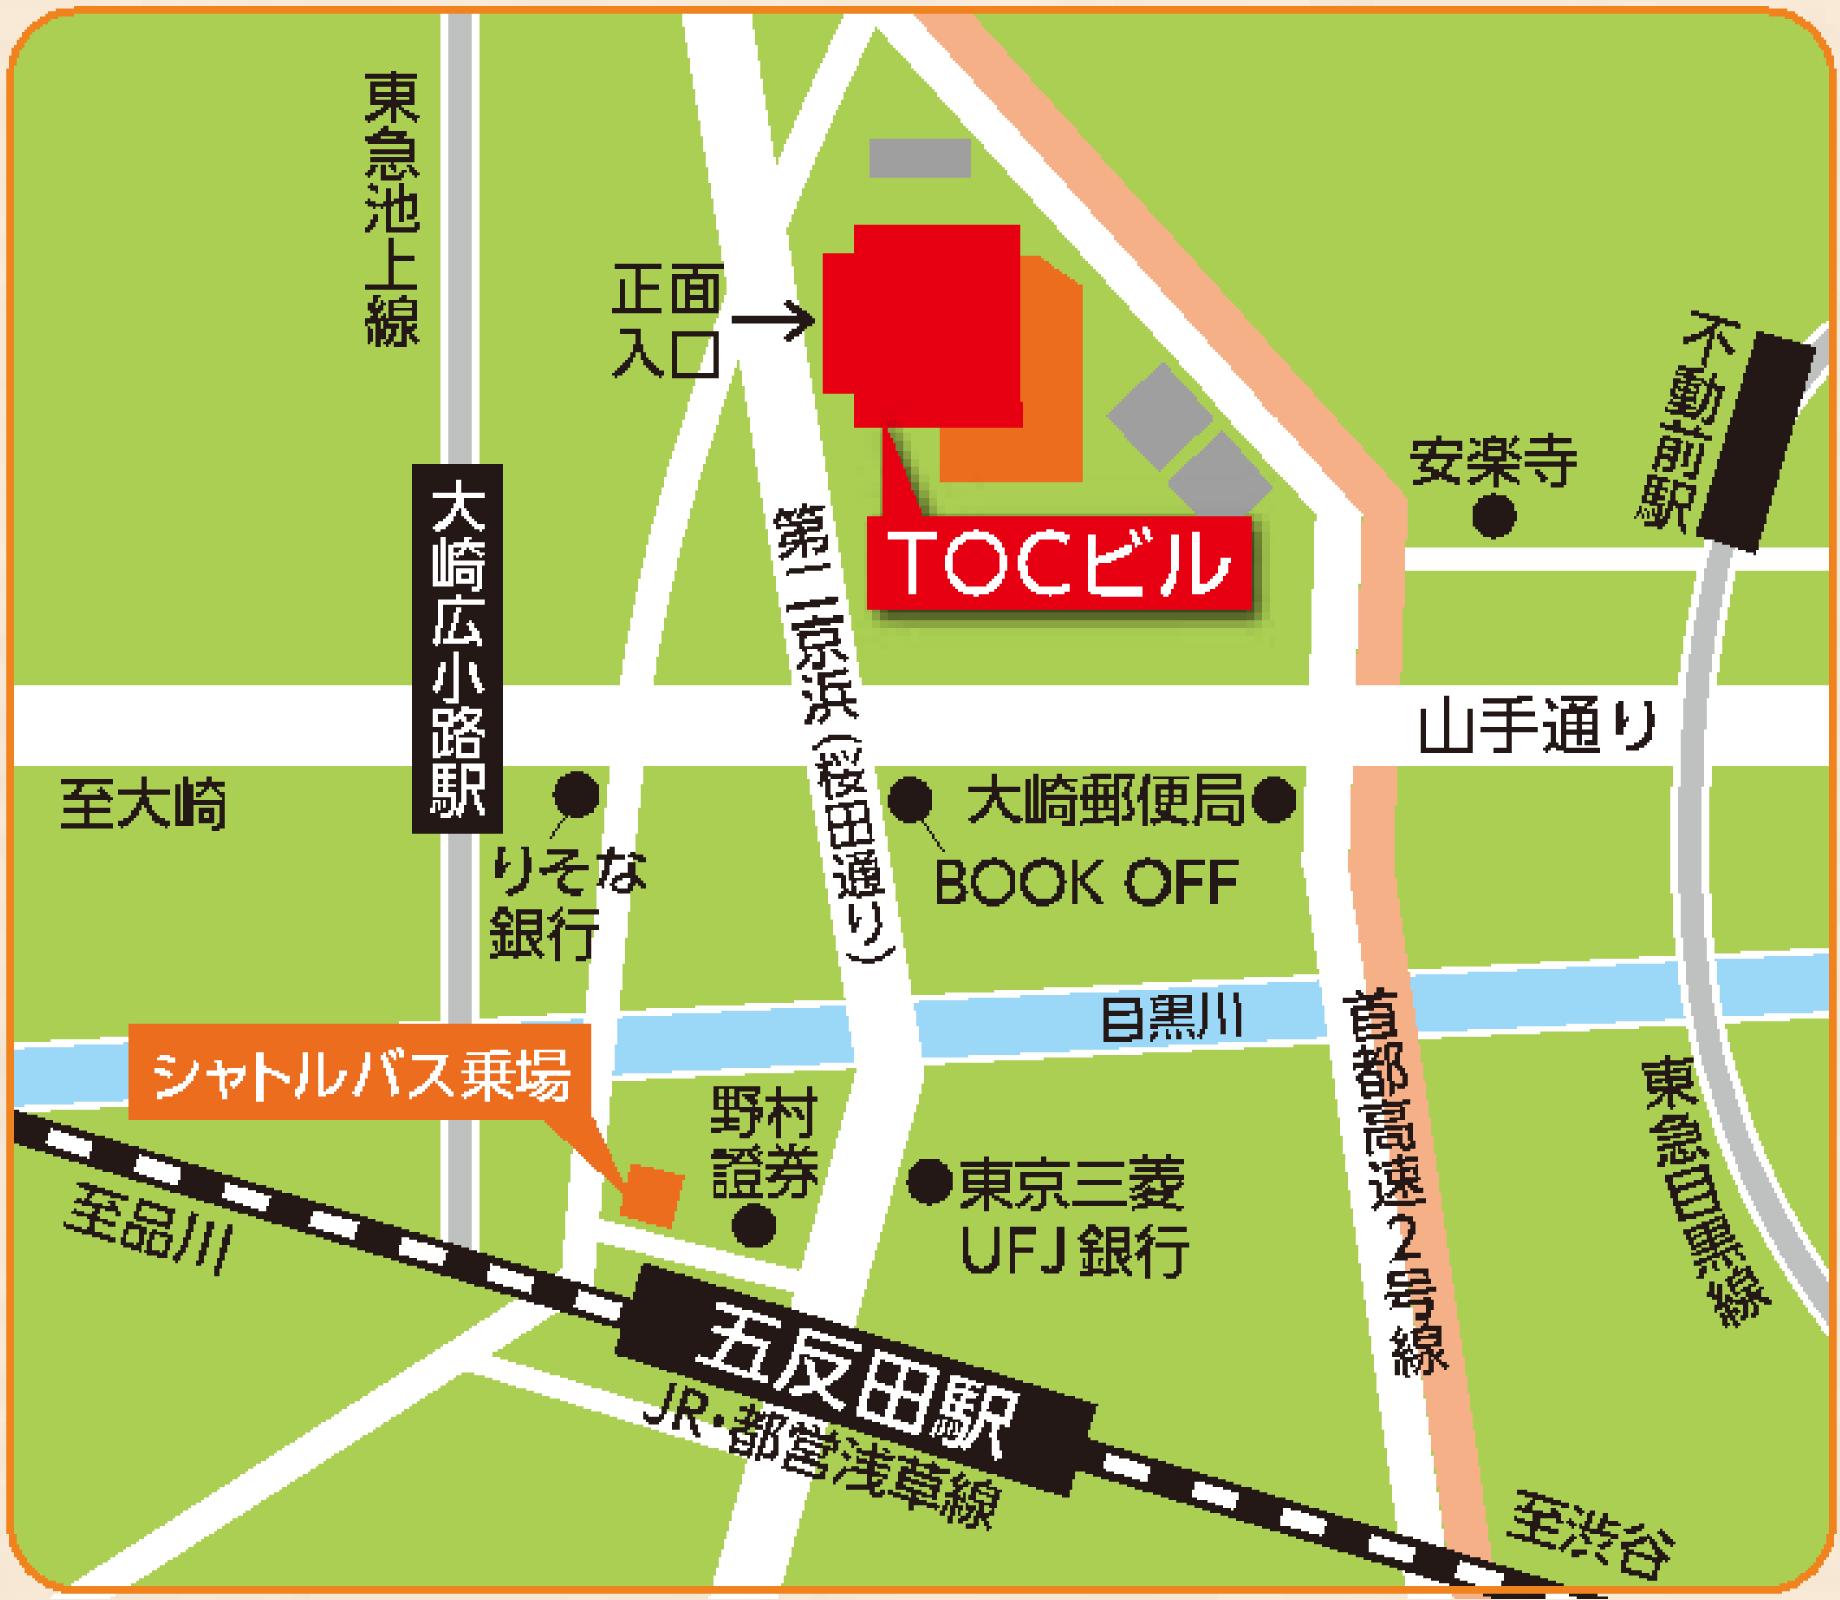 会場案内図 五反田TOCビル